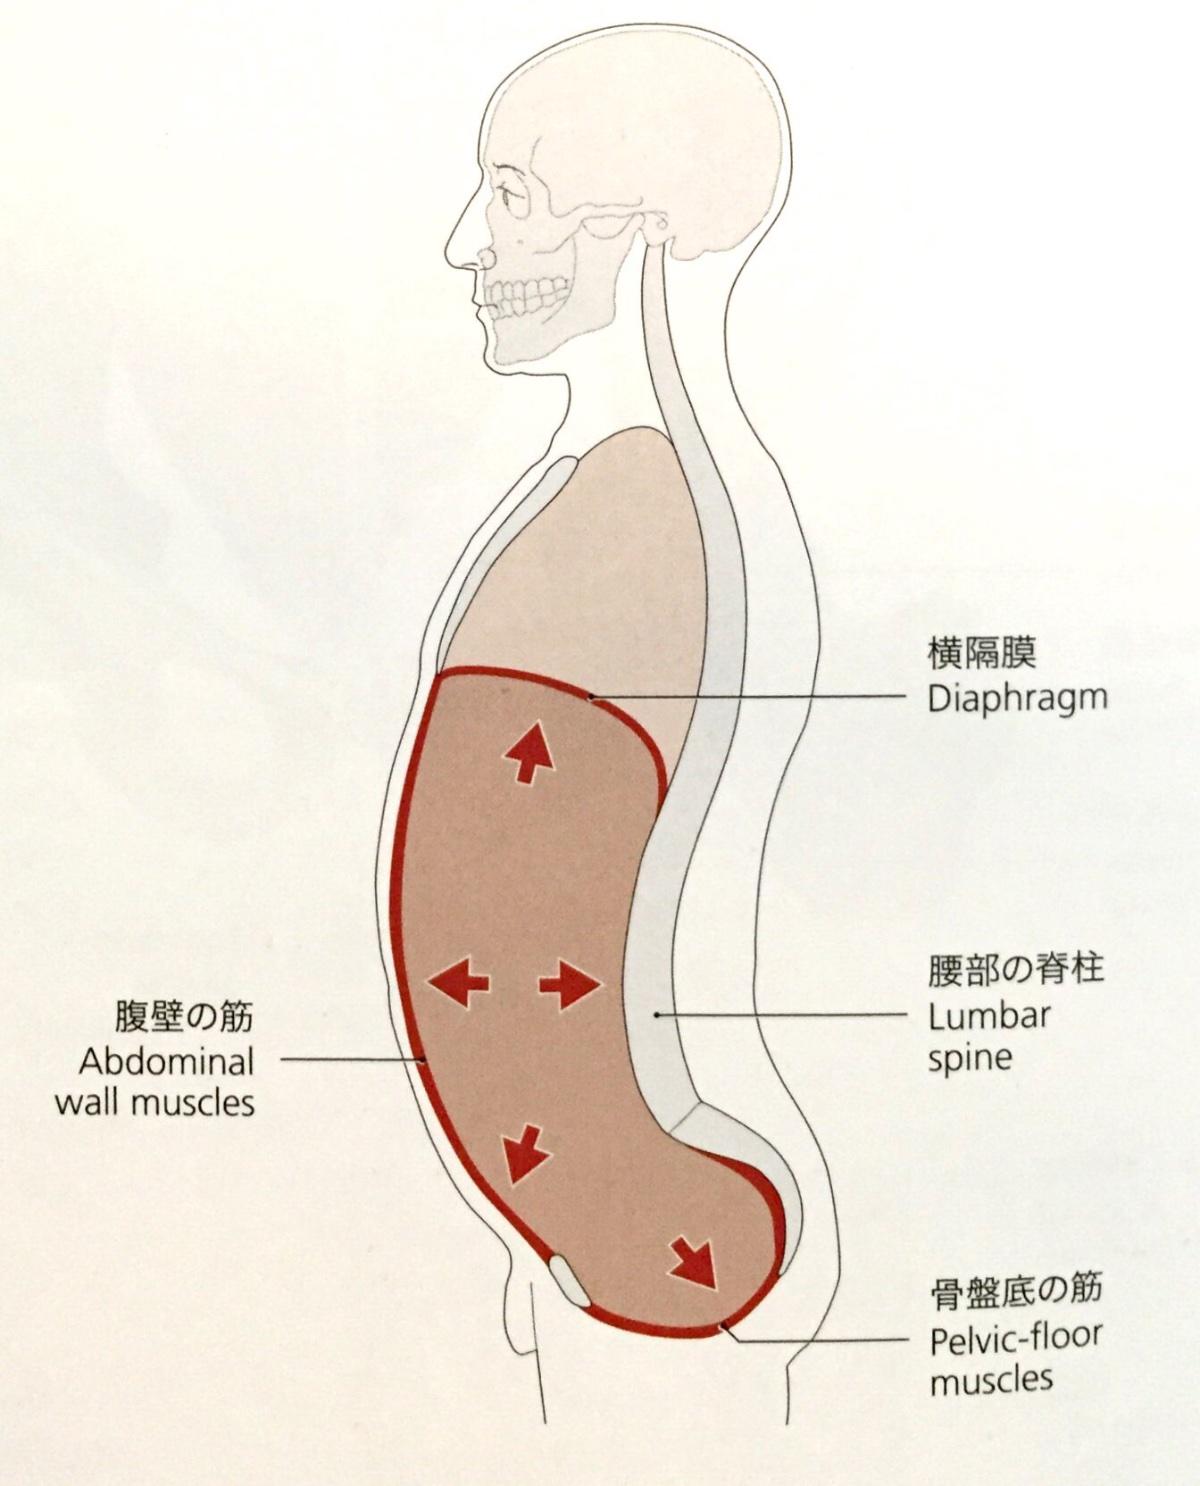 「腹圧」の画像検索結果